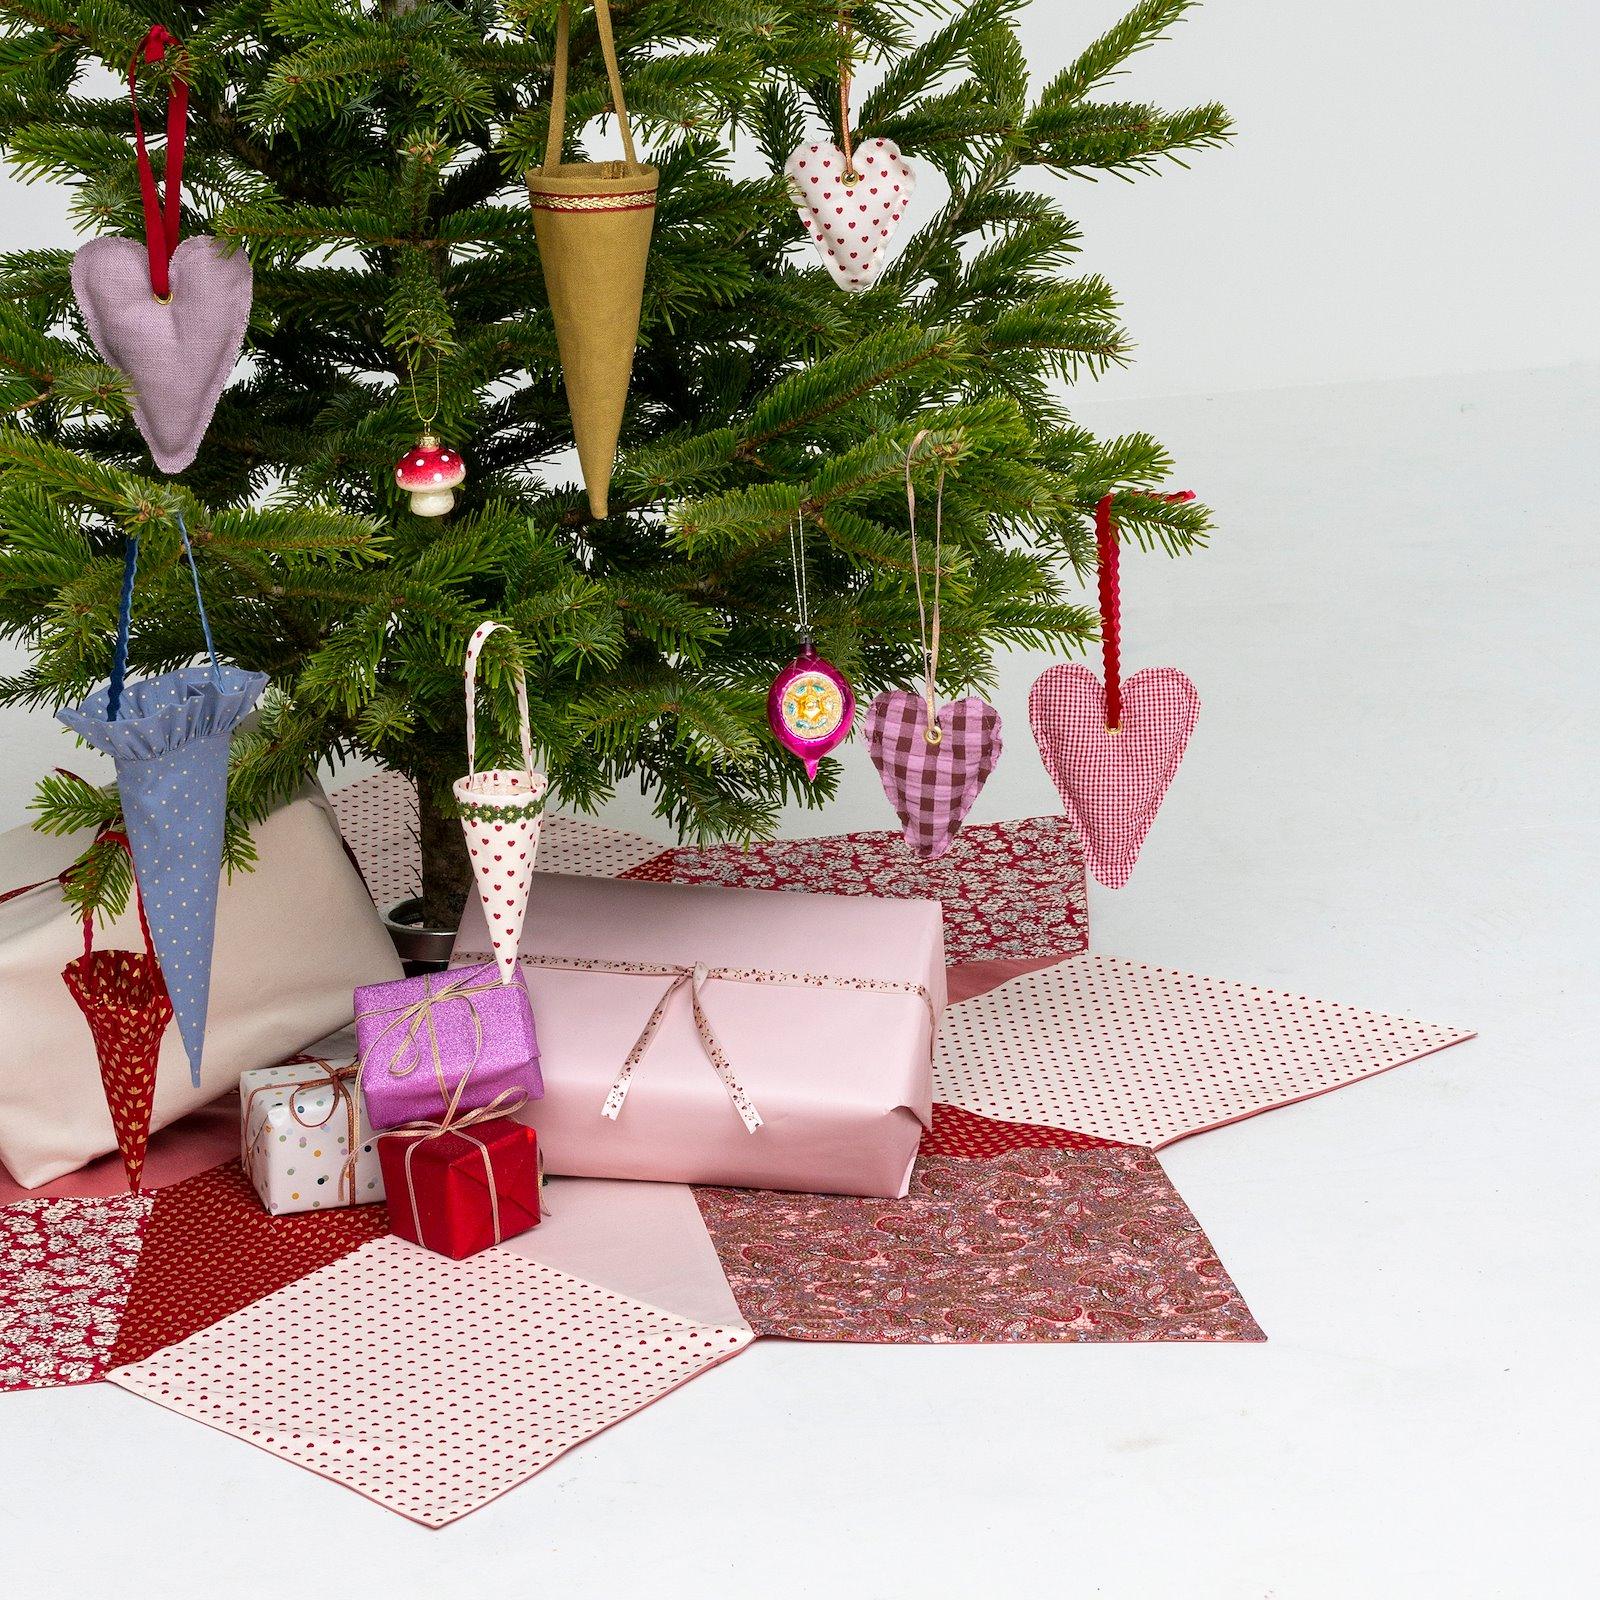 Christmas decorations p90333_852412_852397_410146_852399_bundle